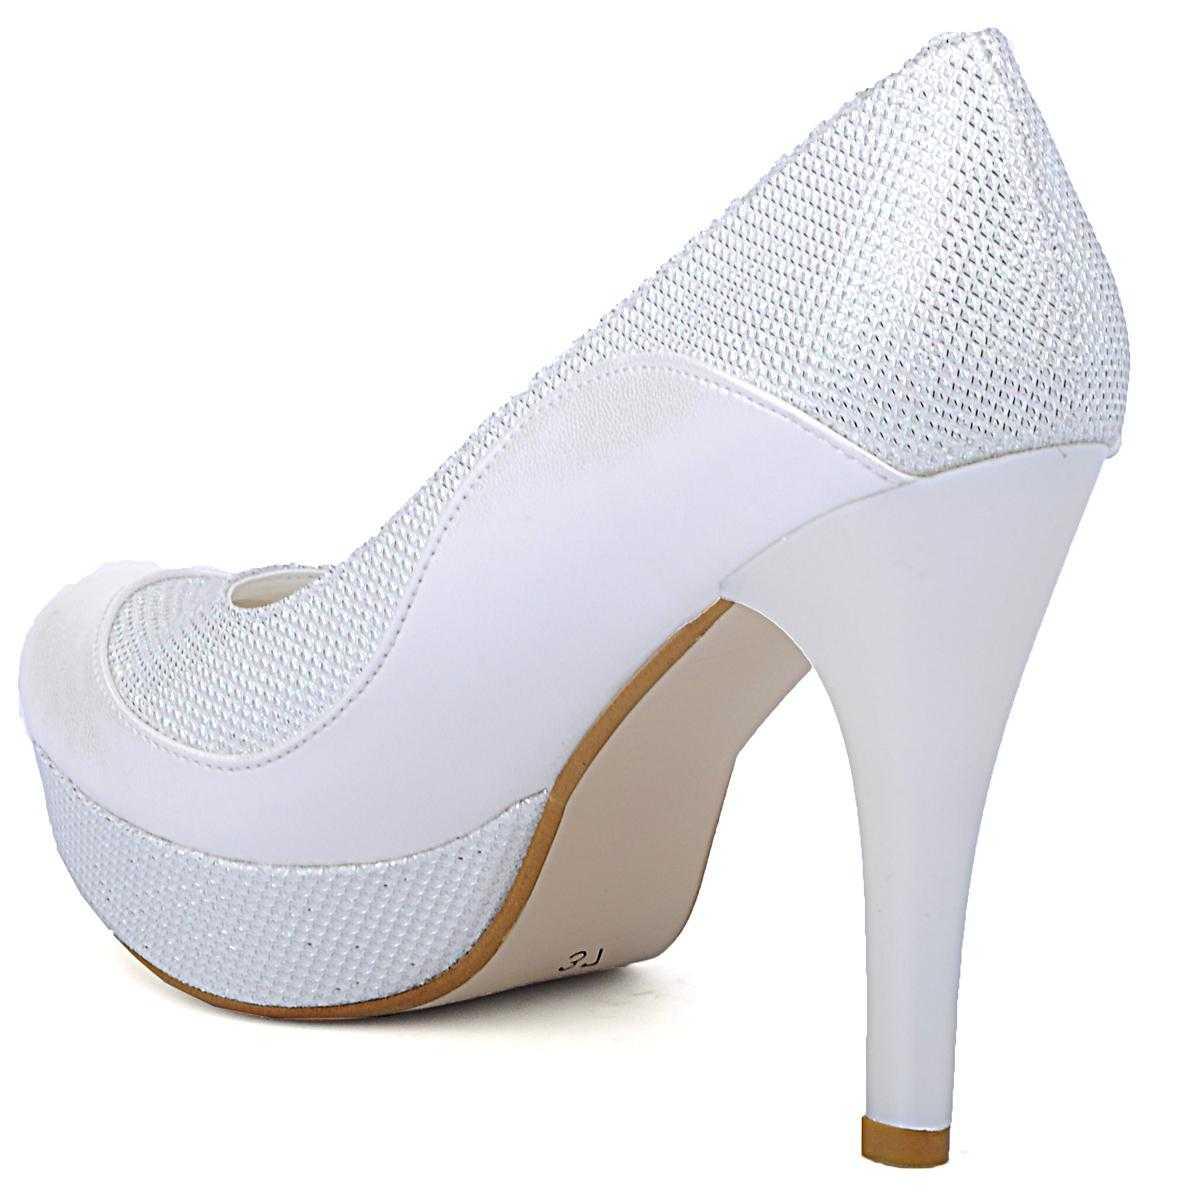 beyaz-topuklu-gelin-ayakkabi-modelleri-33